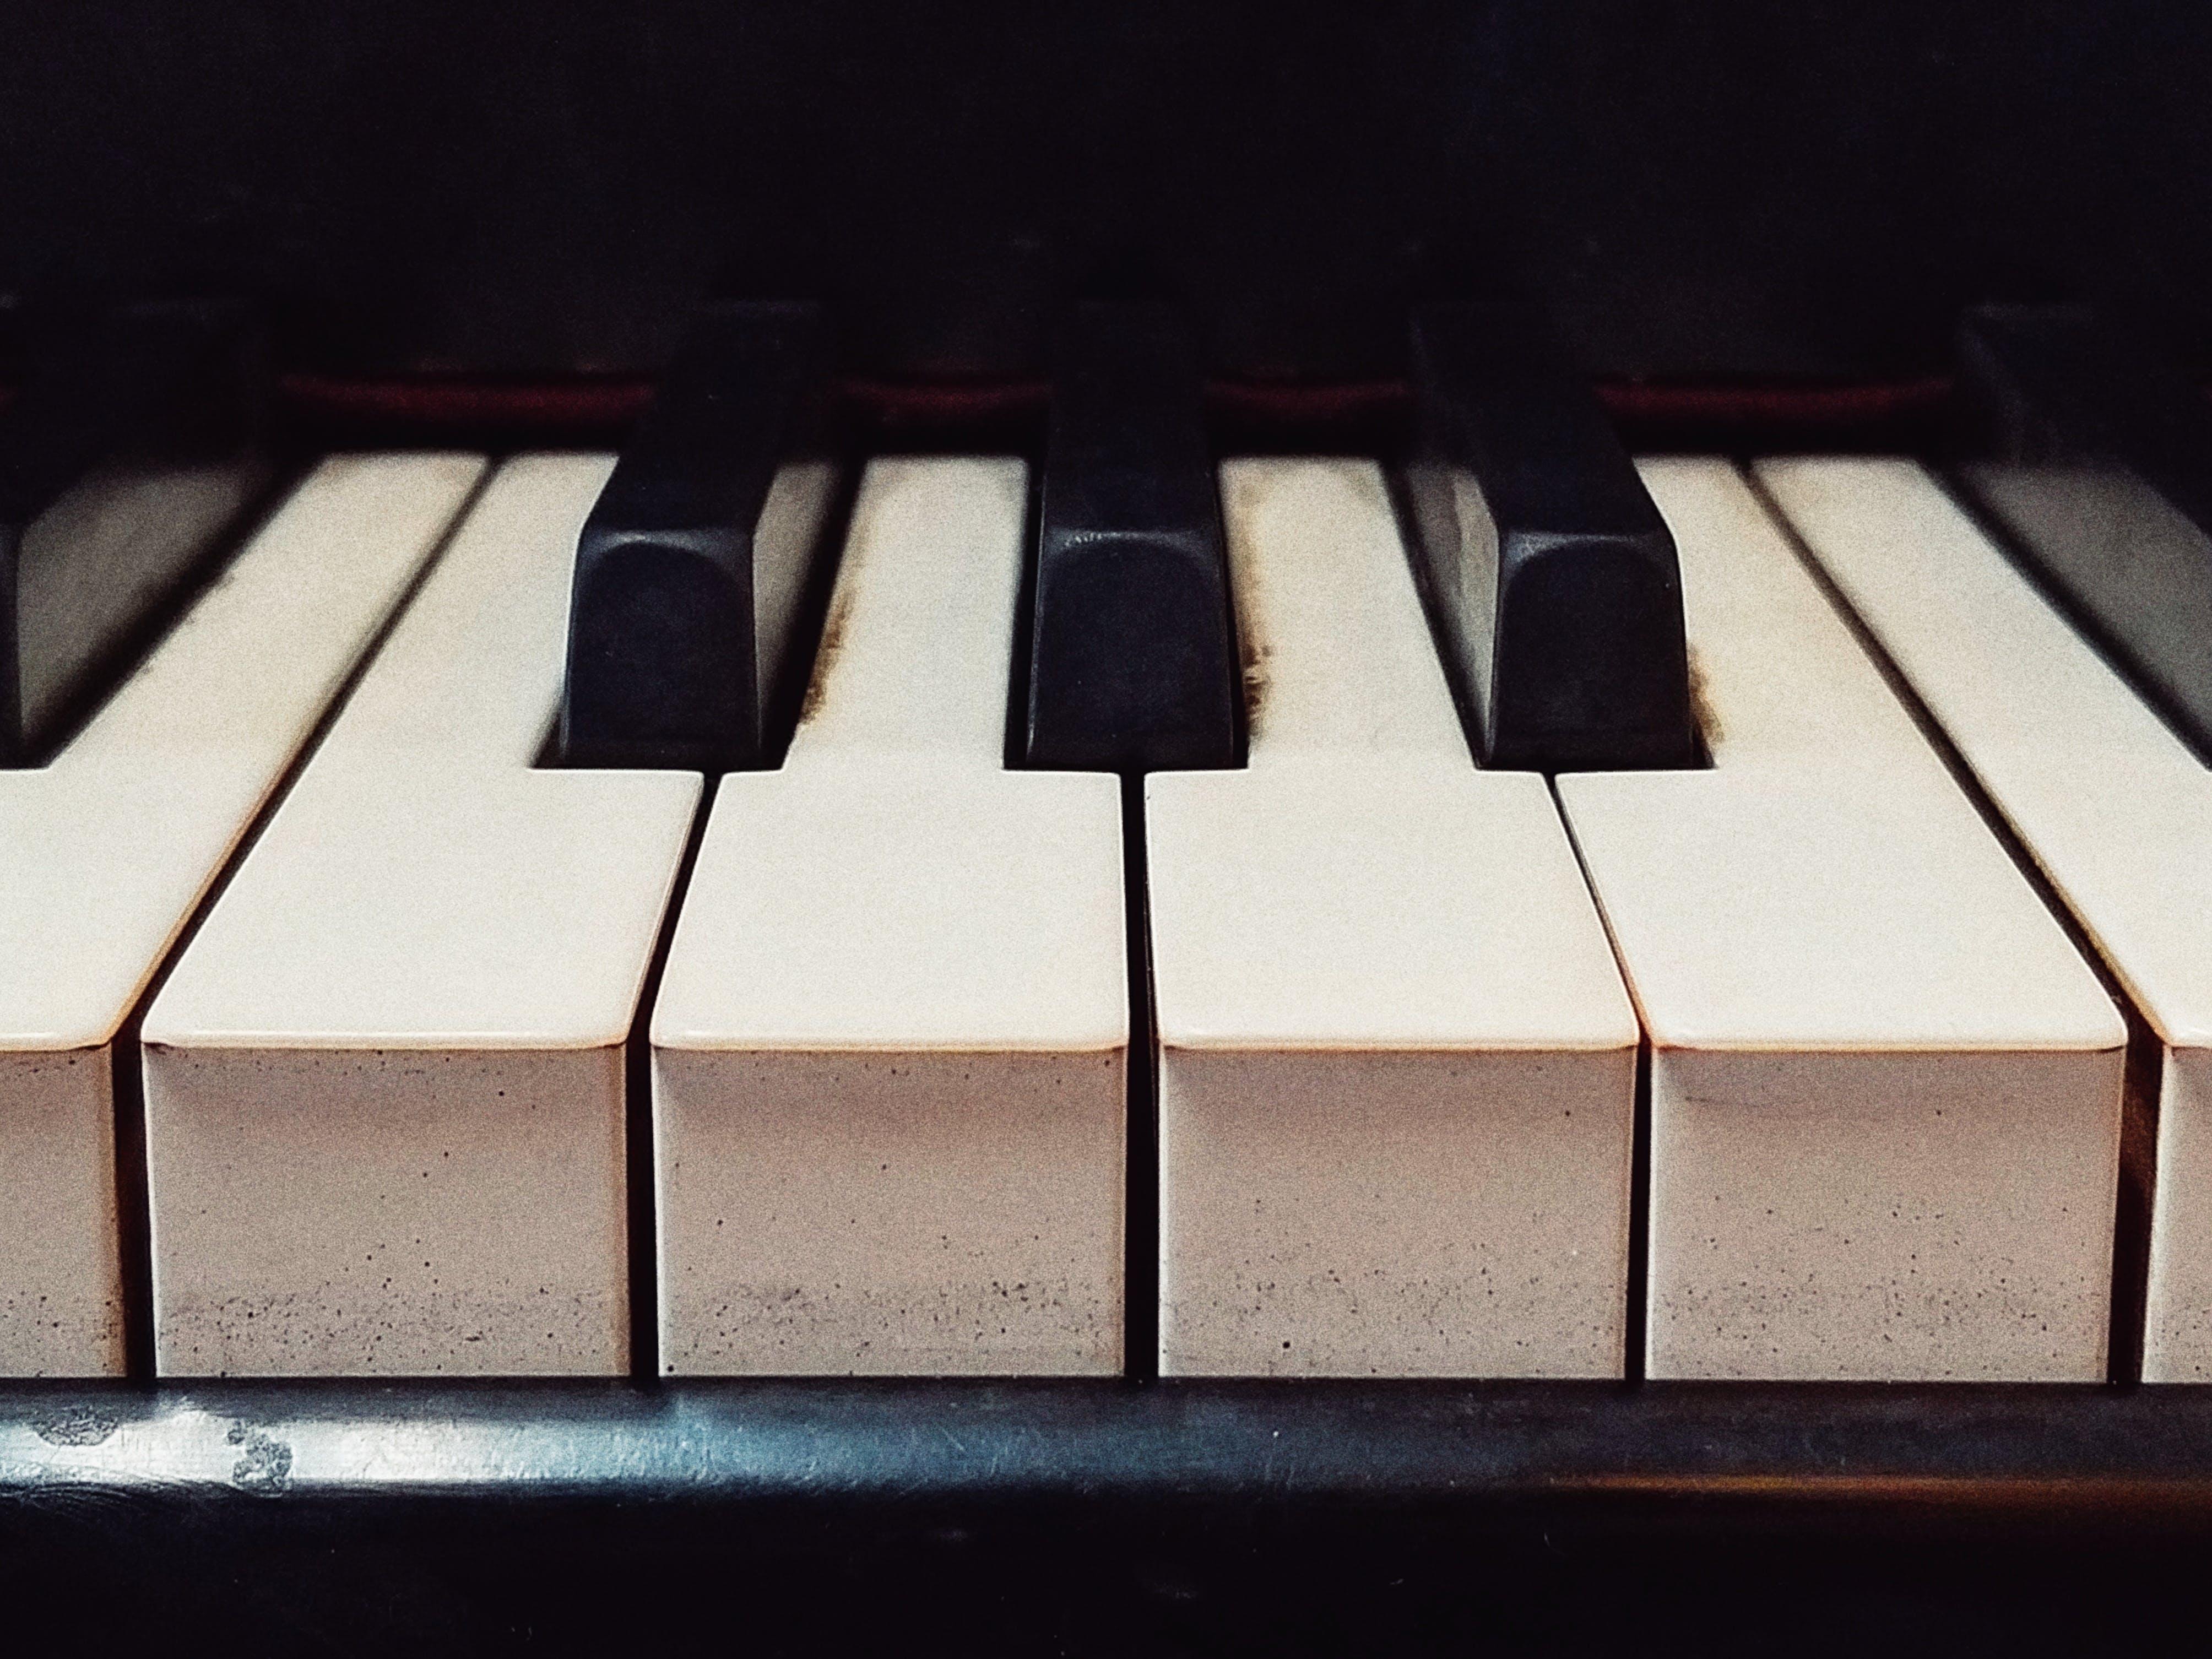 블랙 앤 화이트, 음악, 피아노의 무료 스톡 사진